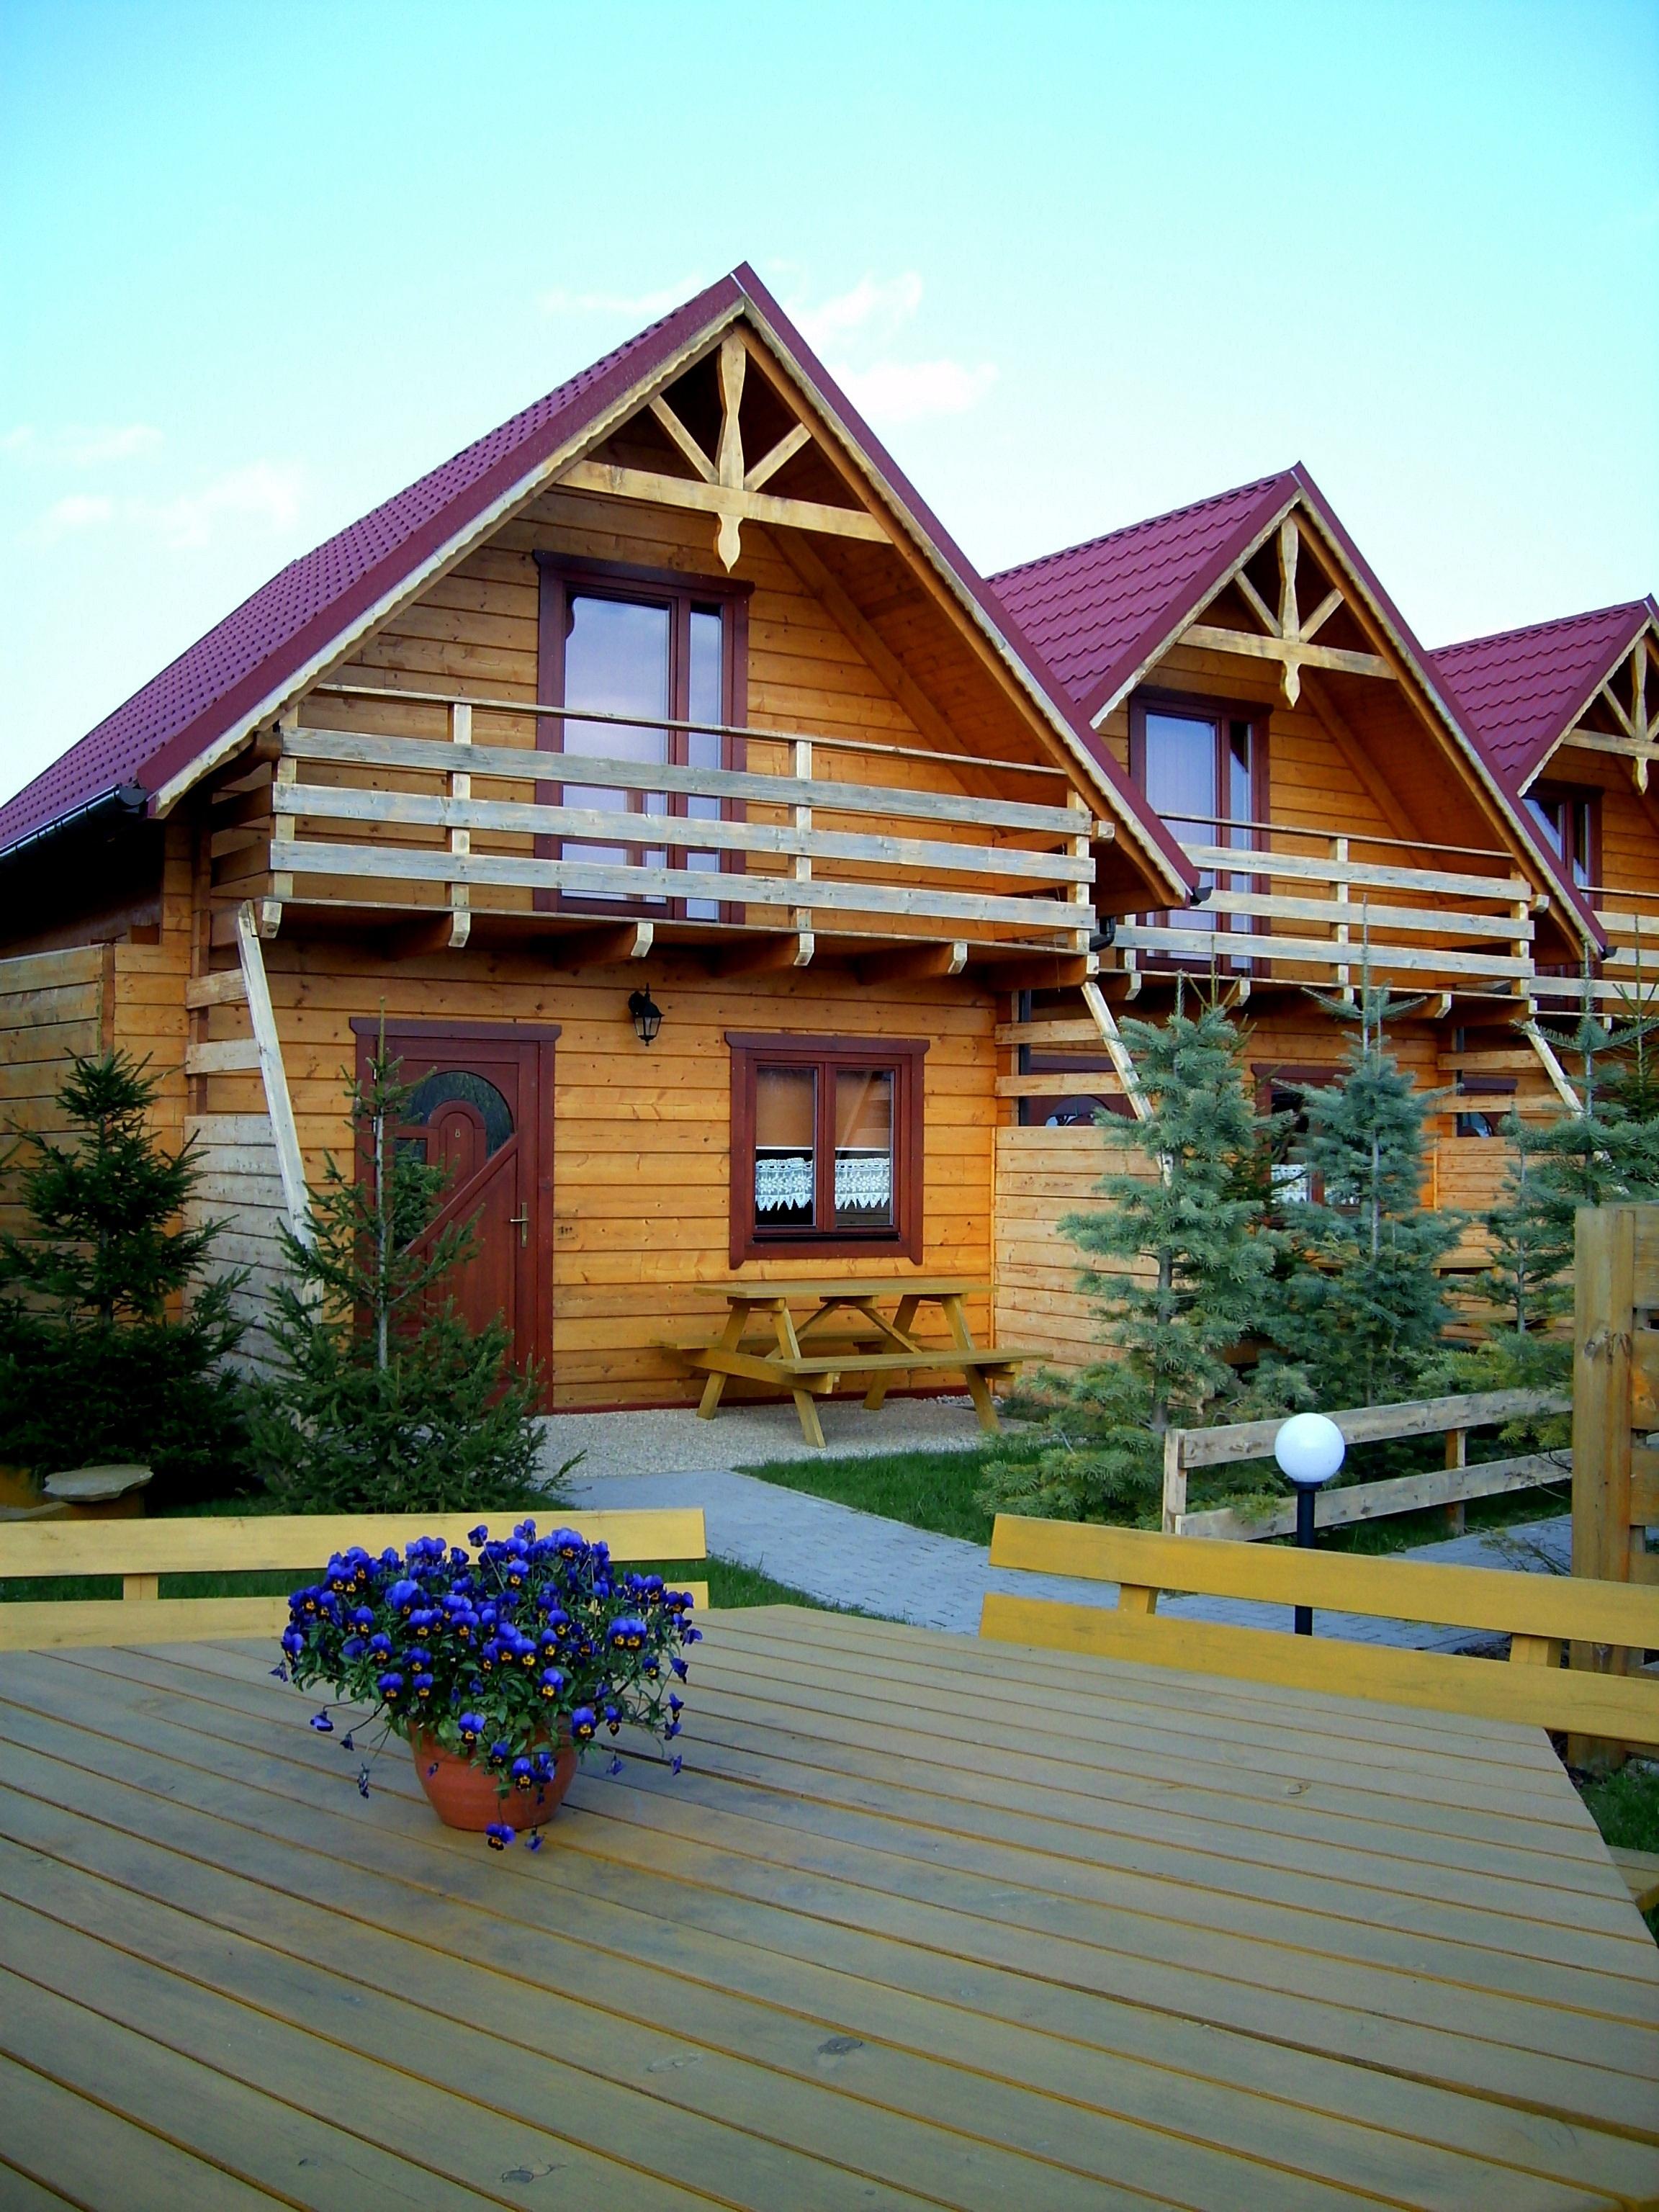 Kostenlose foto : Holz, Haus, Dach, Gebäude, Zuhause, Veranda ...